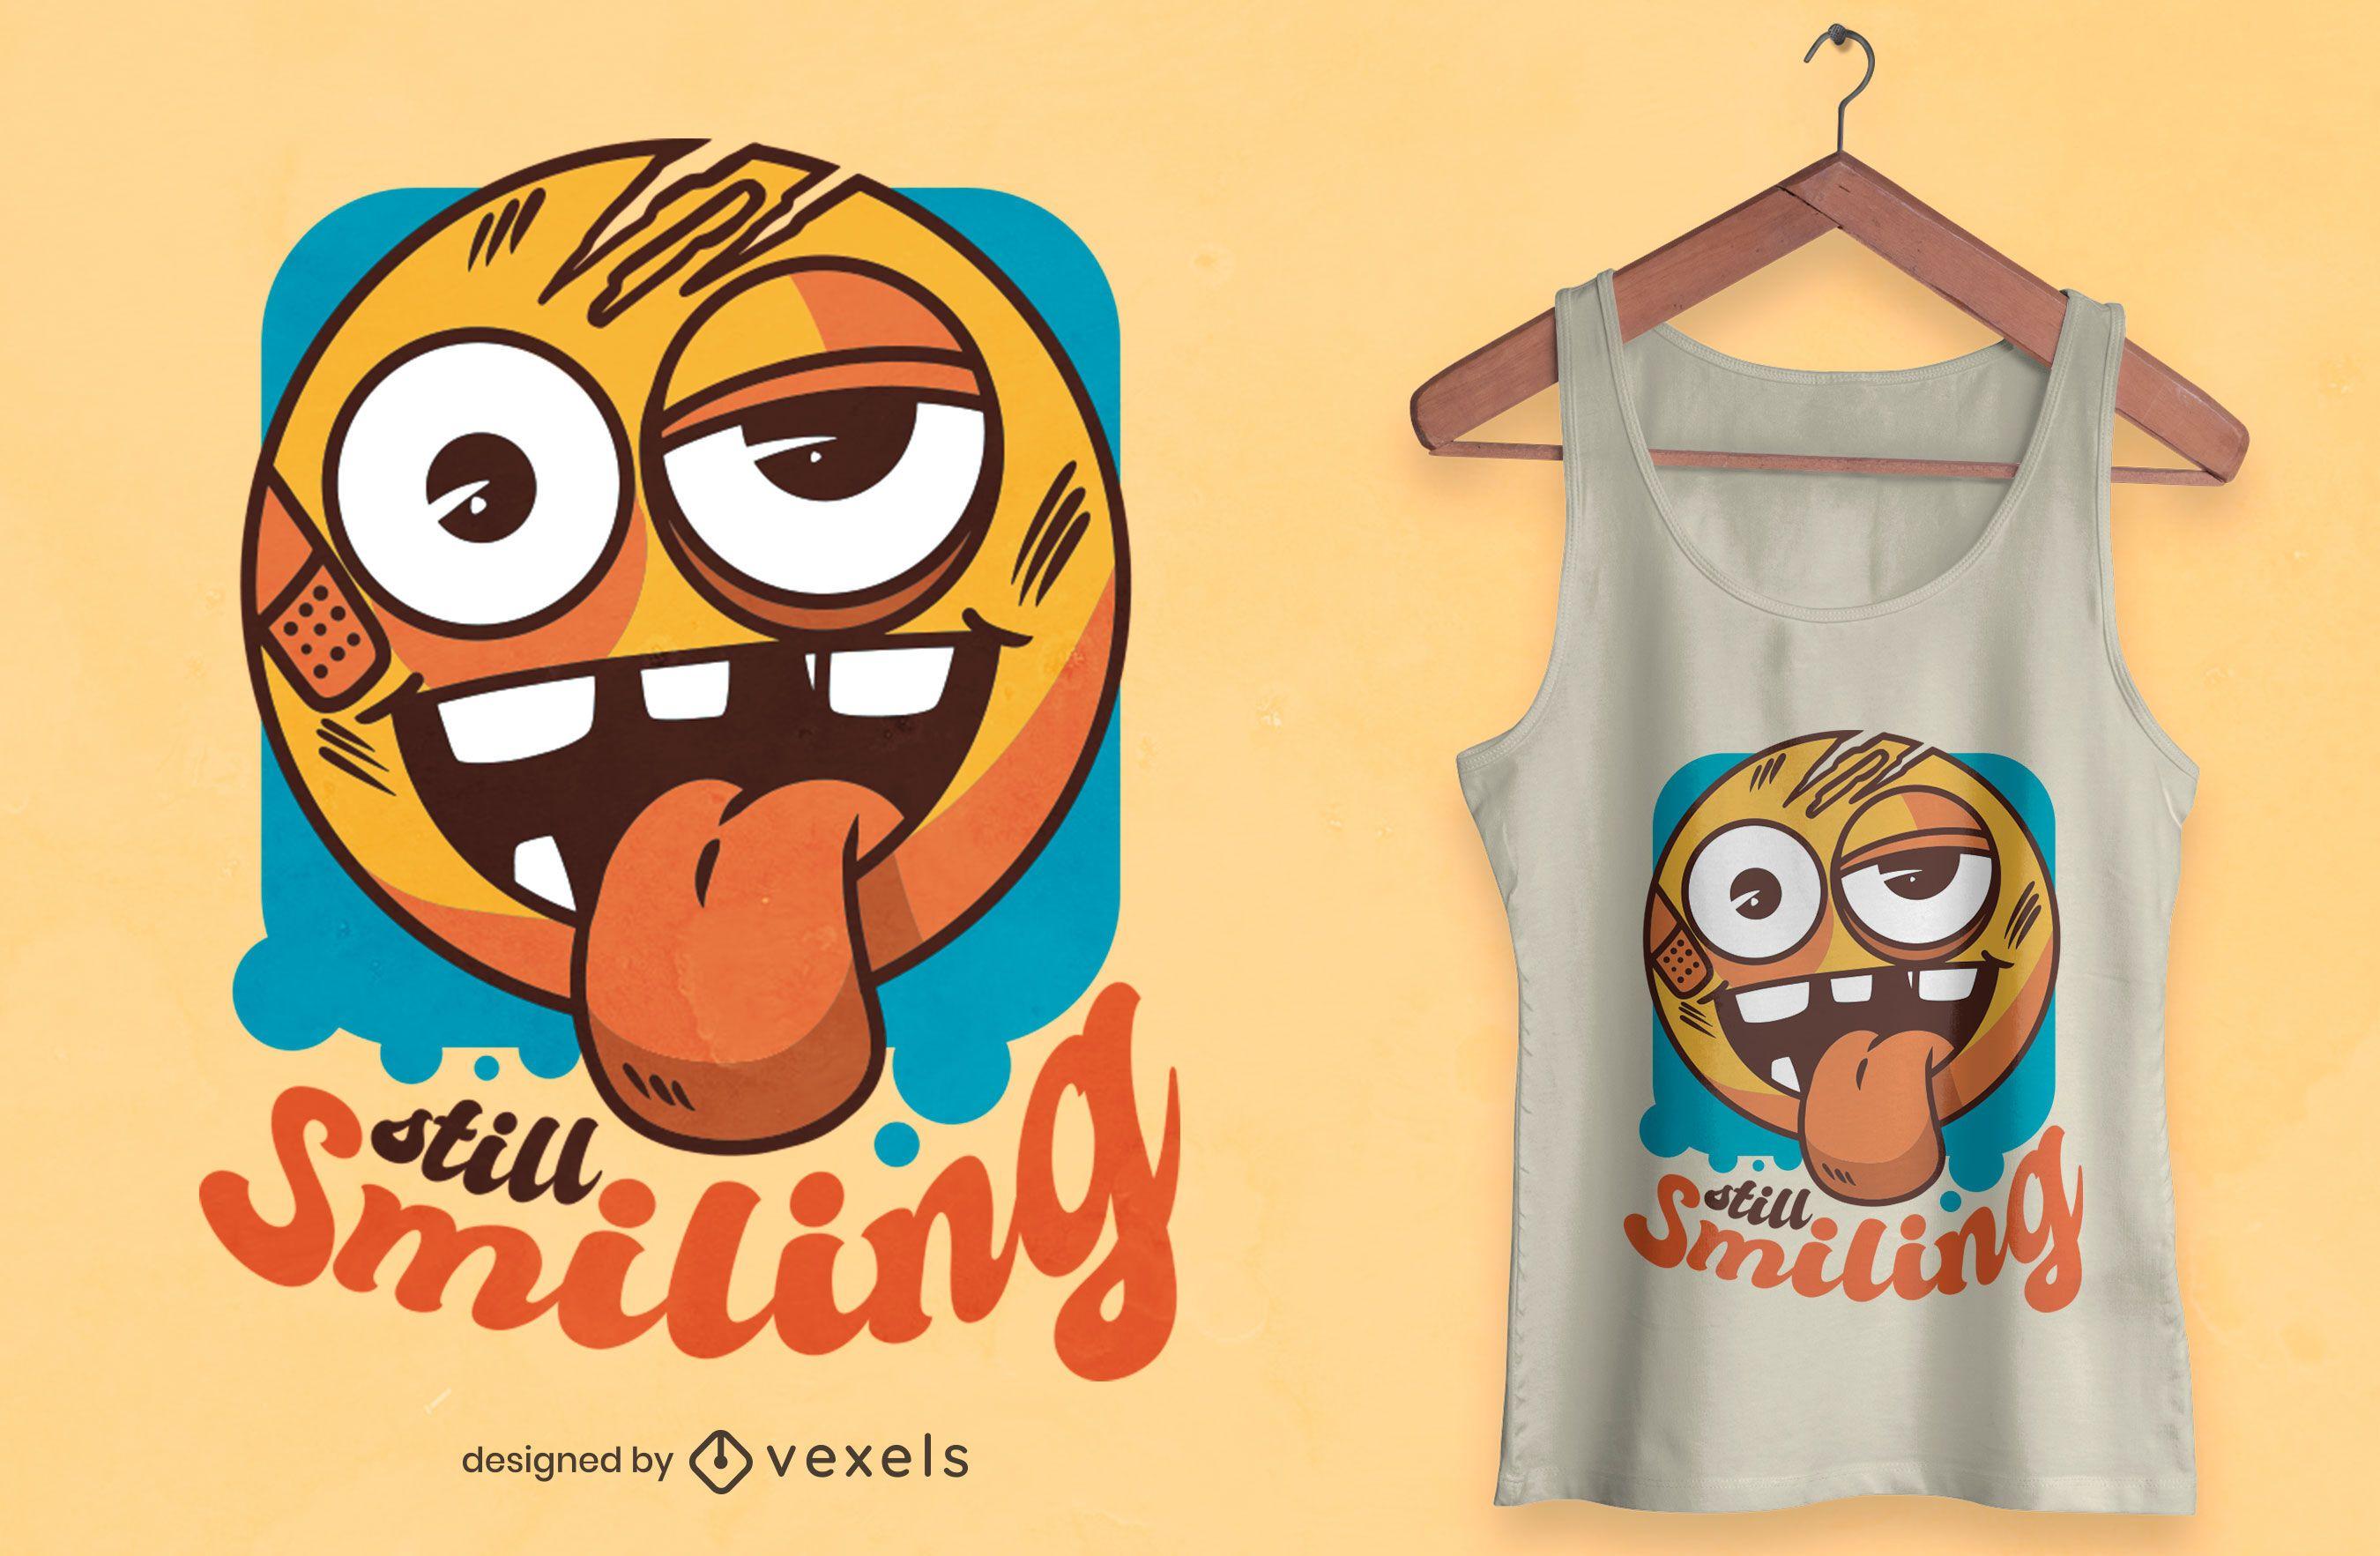 Still smiling t-shirt design